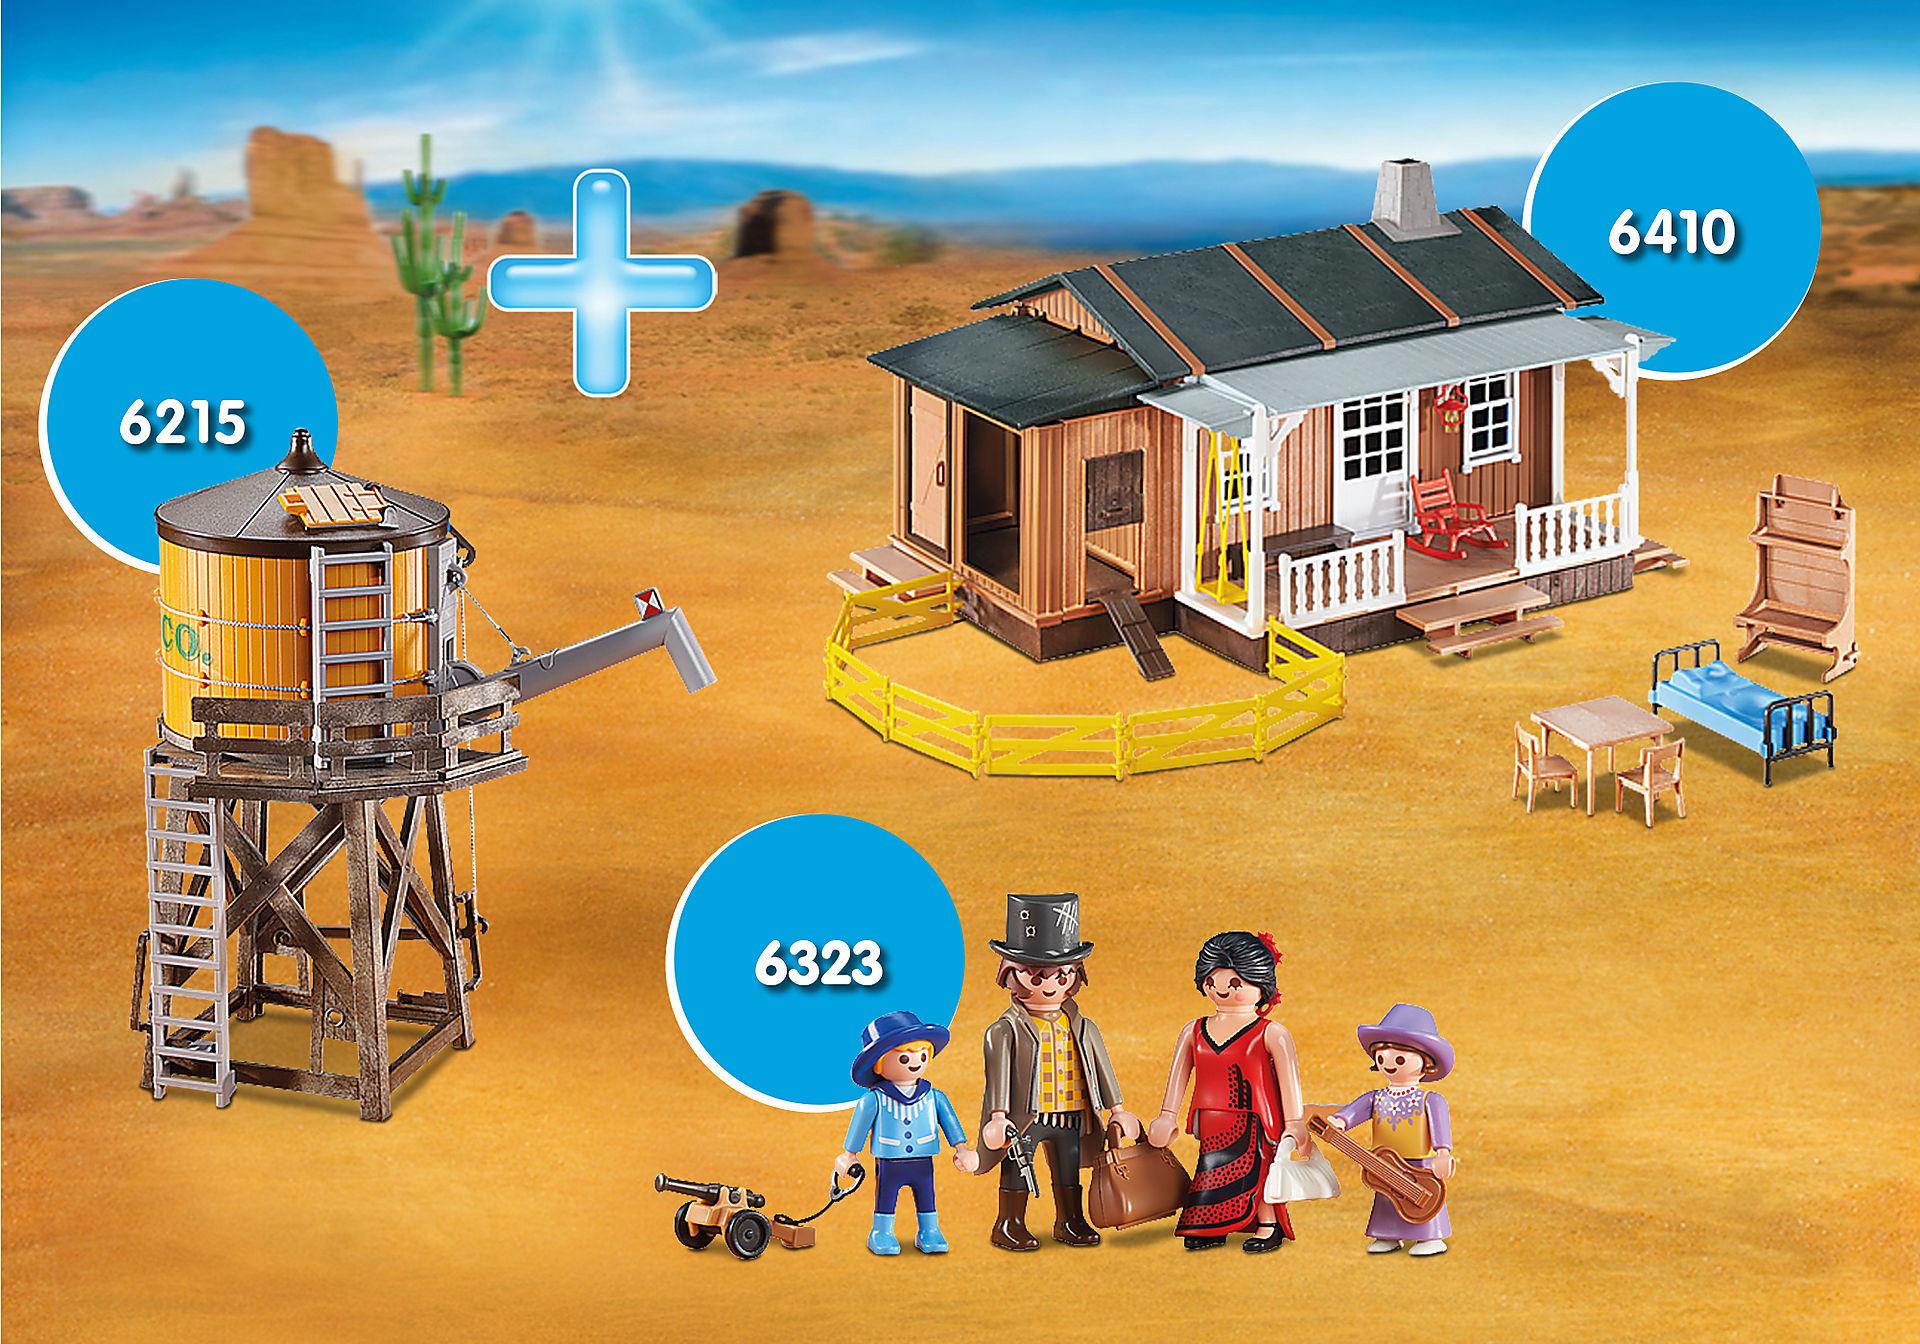 http://media.playmobil.com/i/playmobil/PM1911B_product_detail/PM1911B 6410 Ferme du Far-West + 6215 Château d'eau + 6323 Famille du Far West